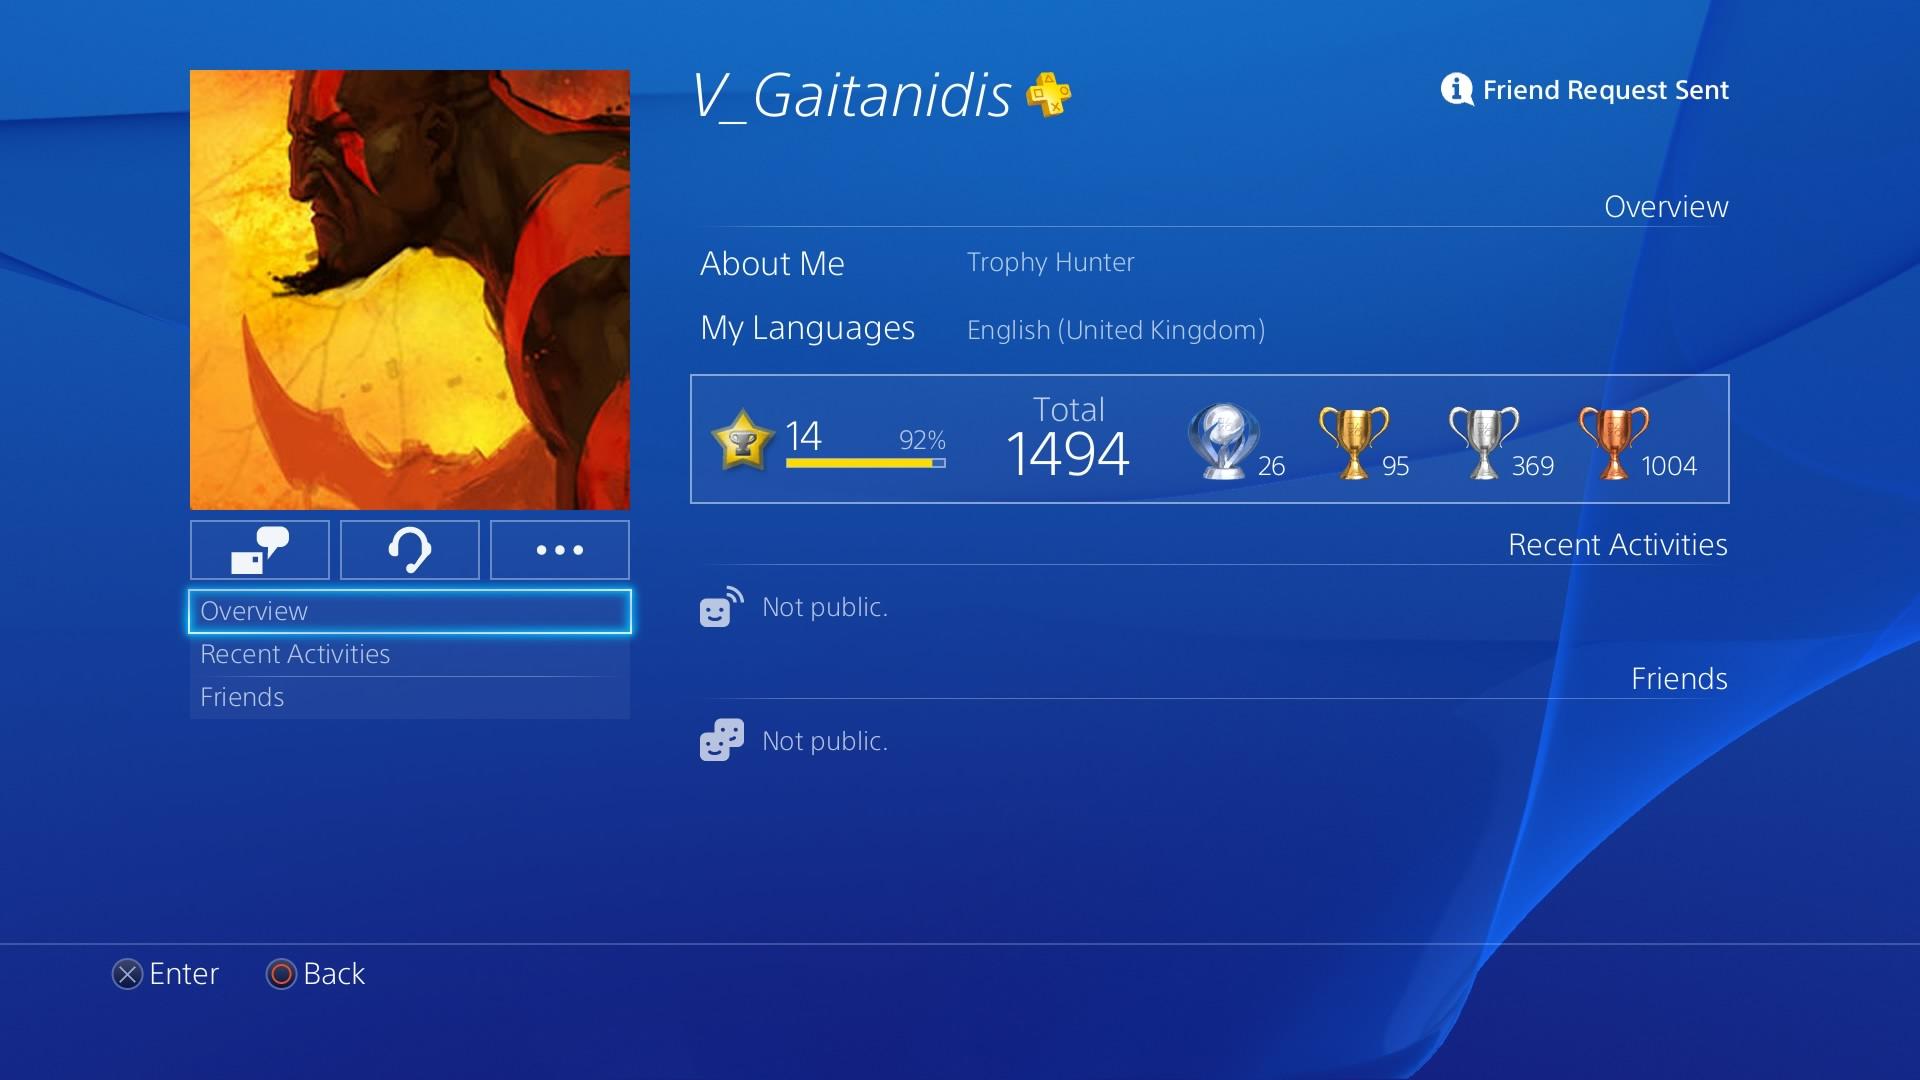 V_Gaitanidis.jpg